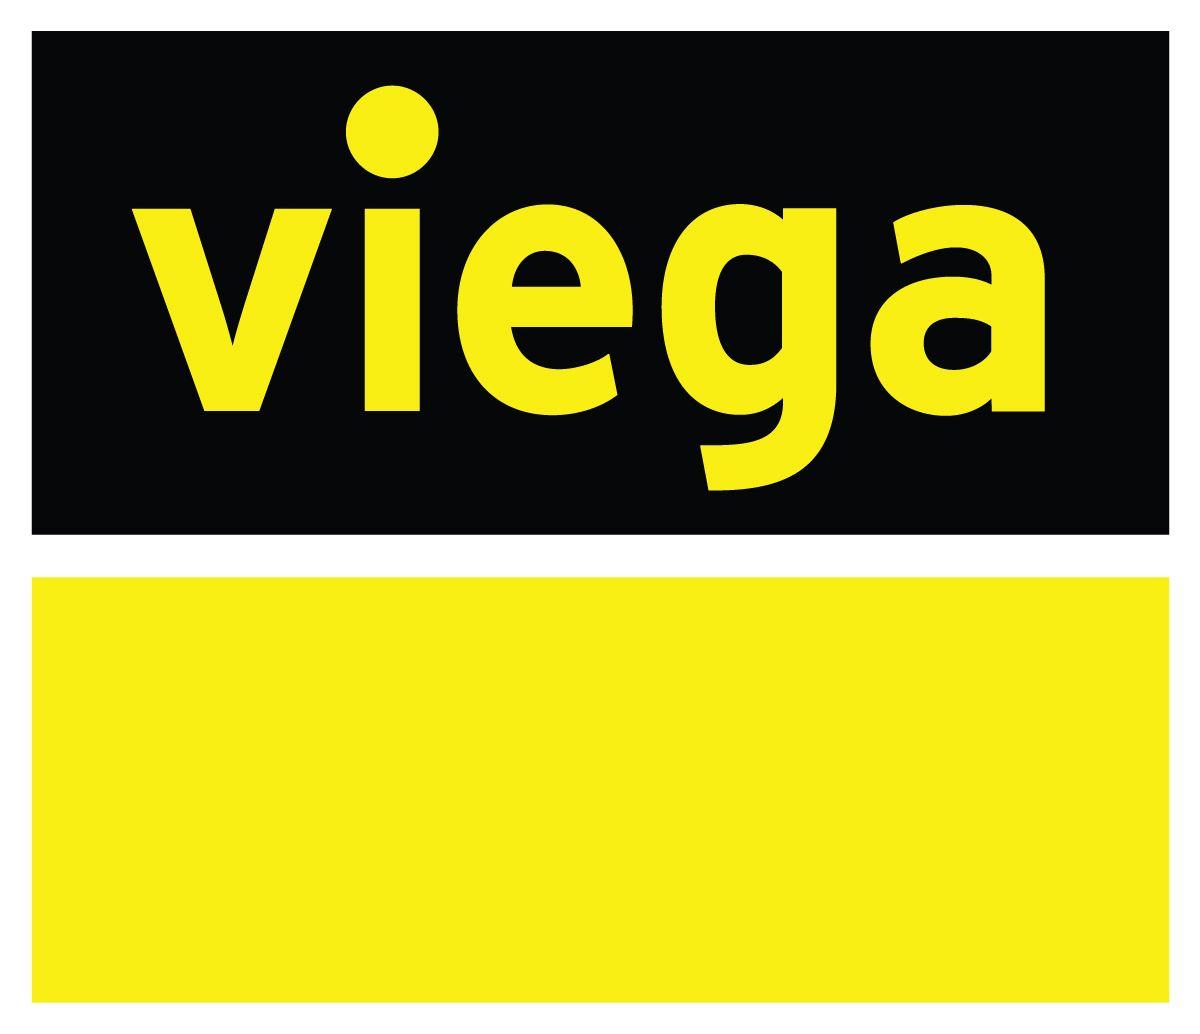 Assortiment Viega https://www.thuiscomfort.nl/producten/viega.html